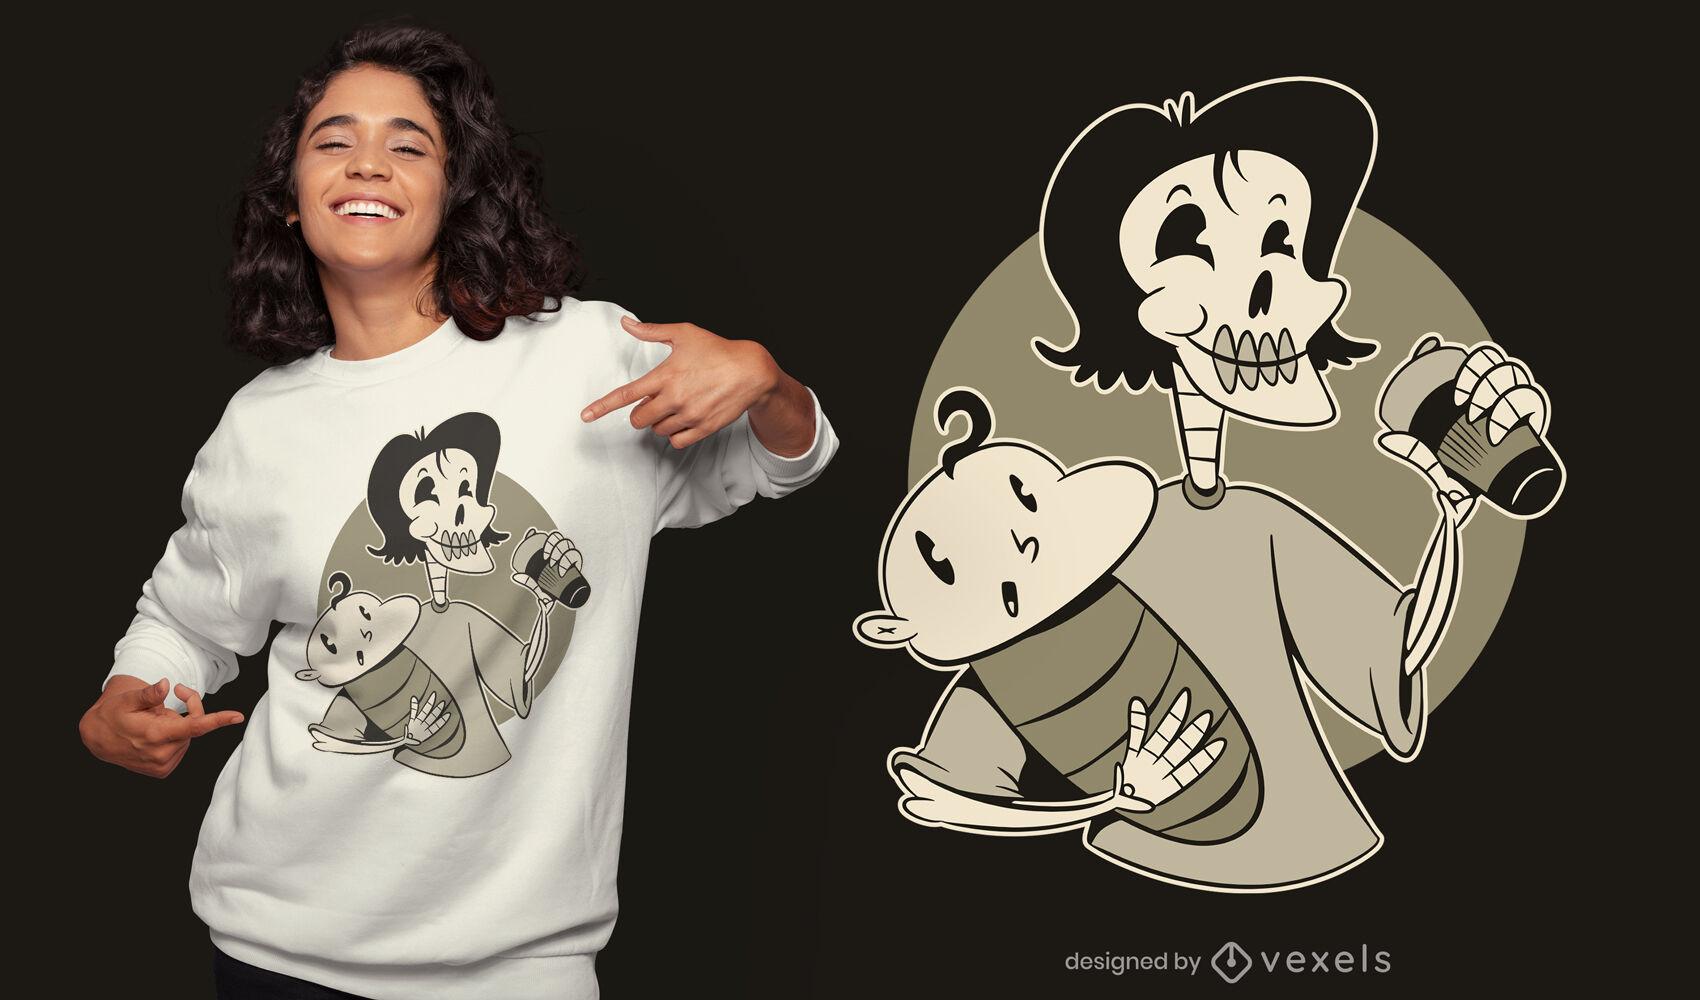 Diseño de camiseta esqueleto de madre y bebé.